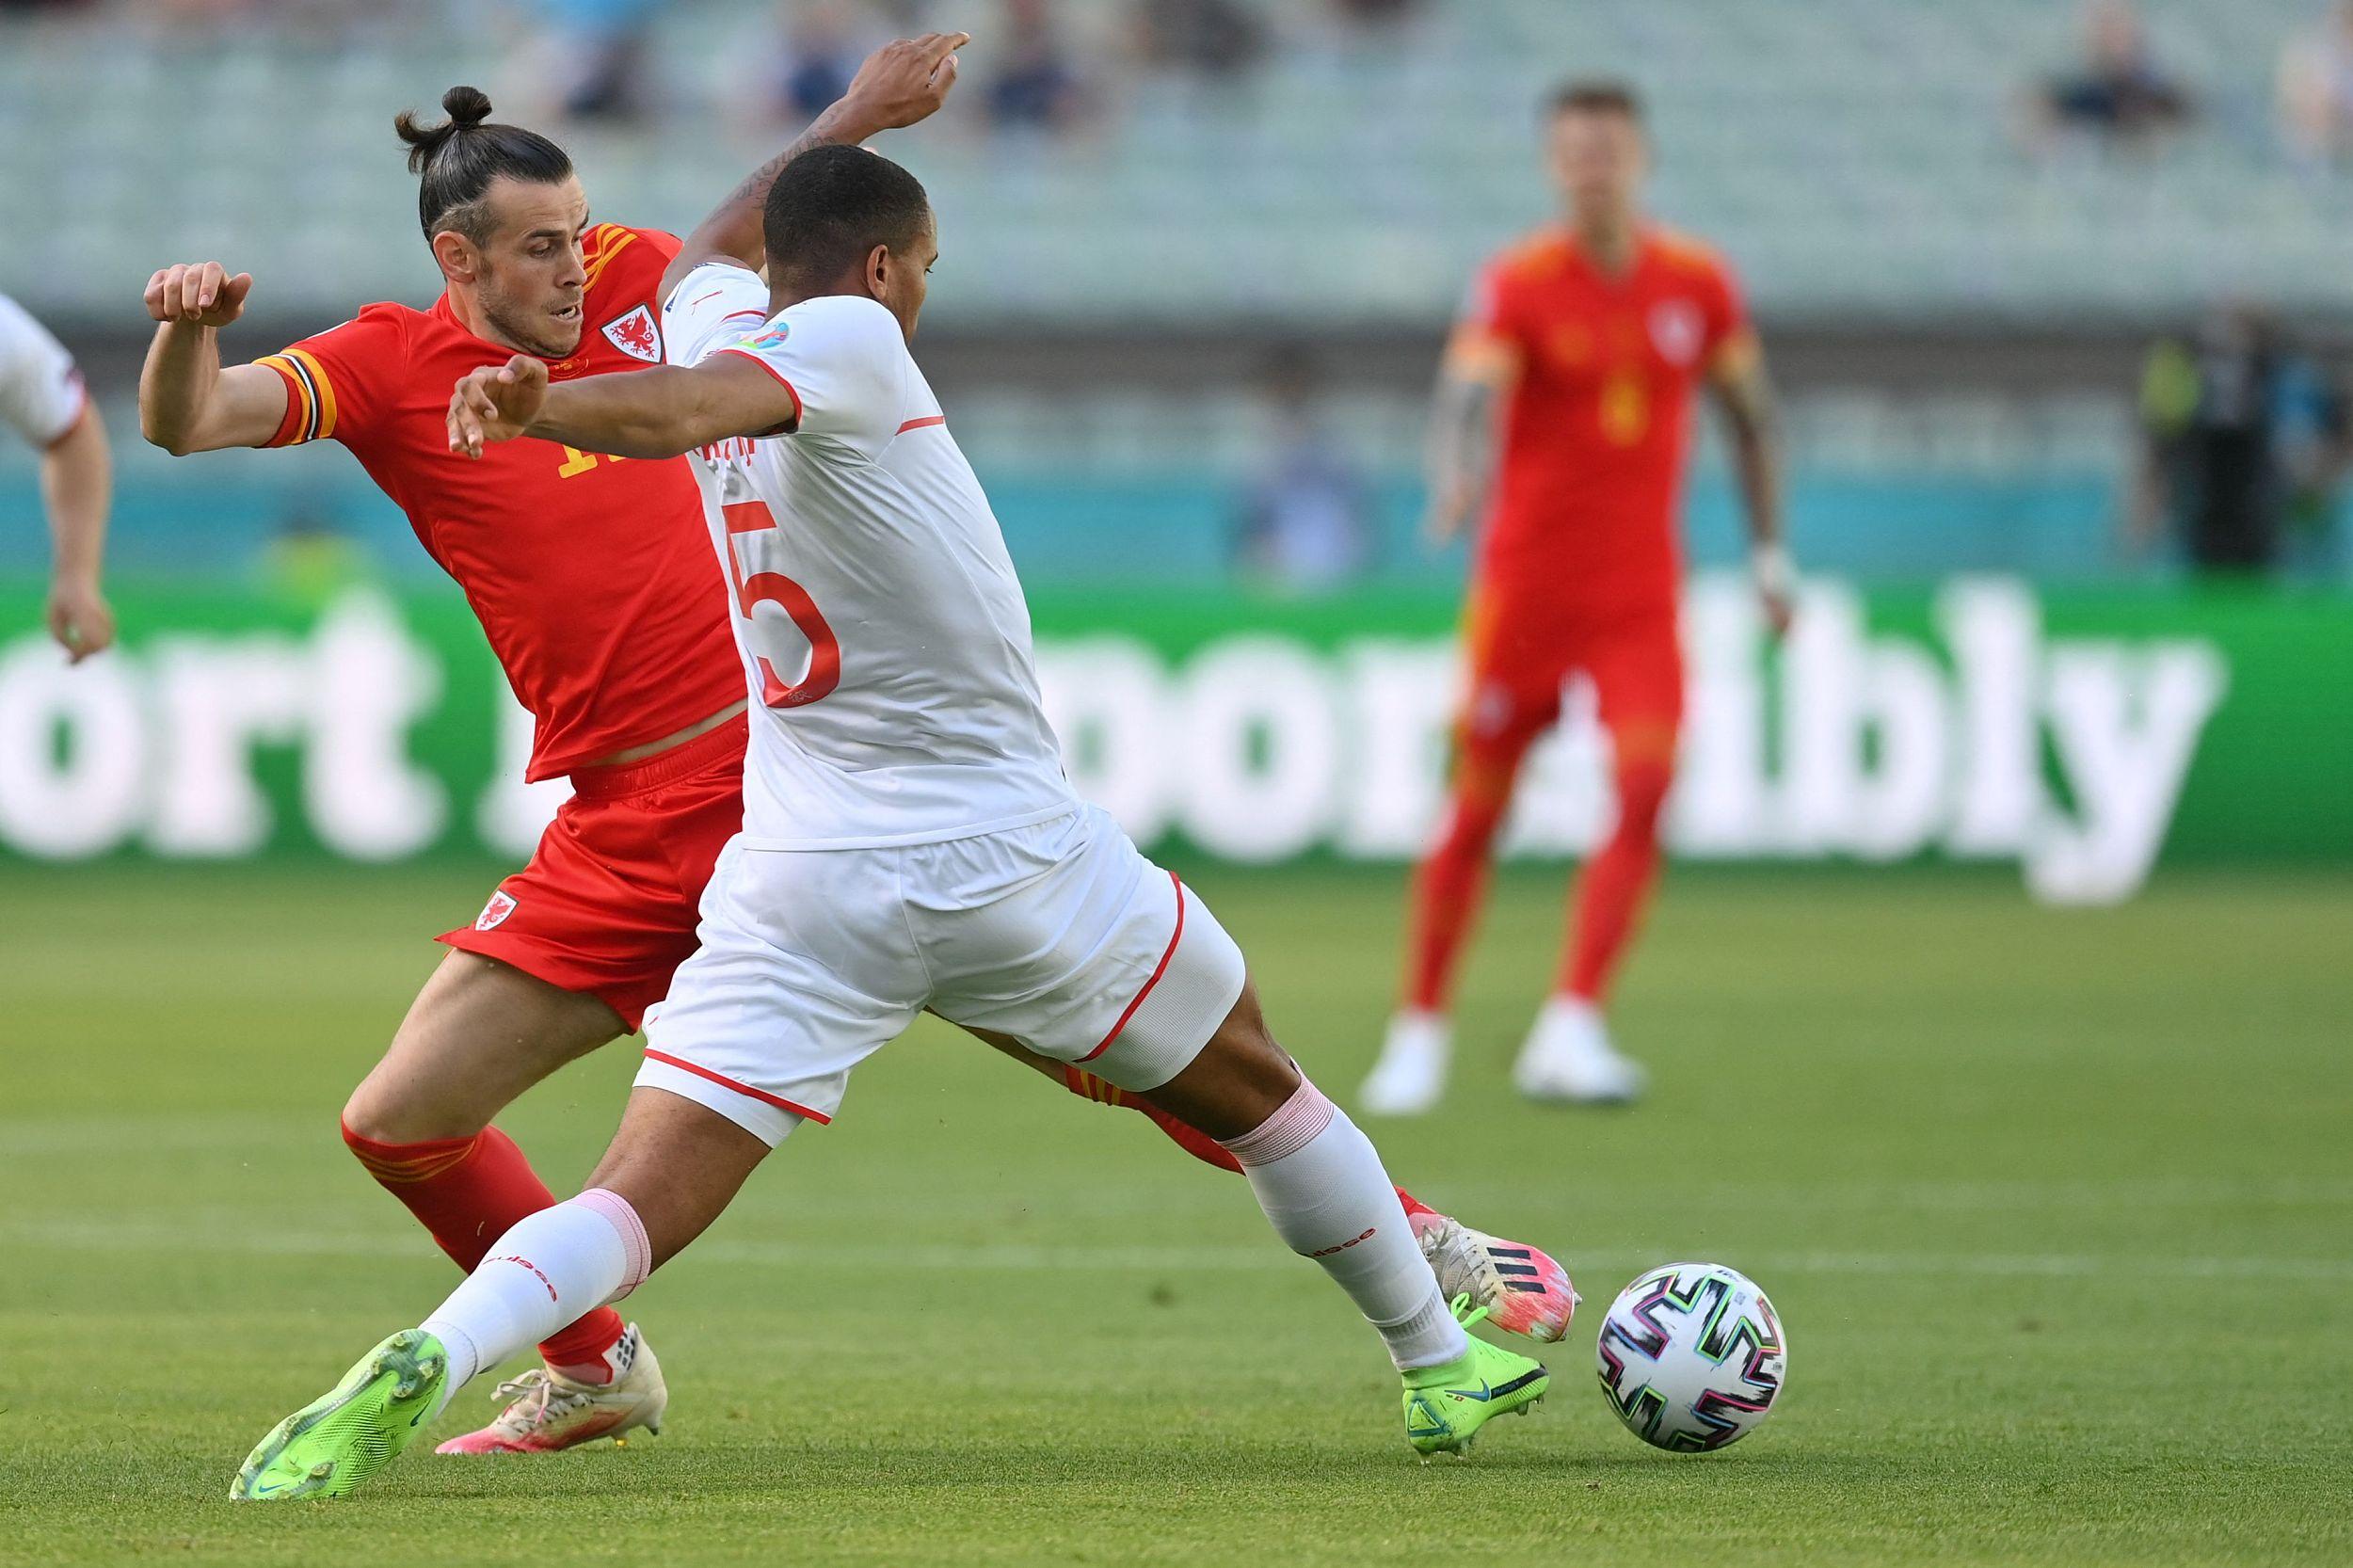 威爾士1-1瑞士: 進球的穆爾擁有中國血統, 貝爾全場迷失-圖1